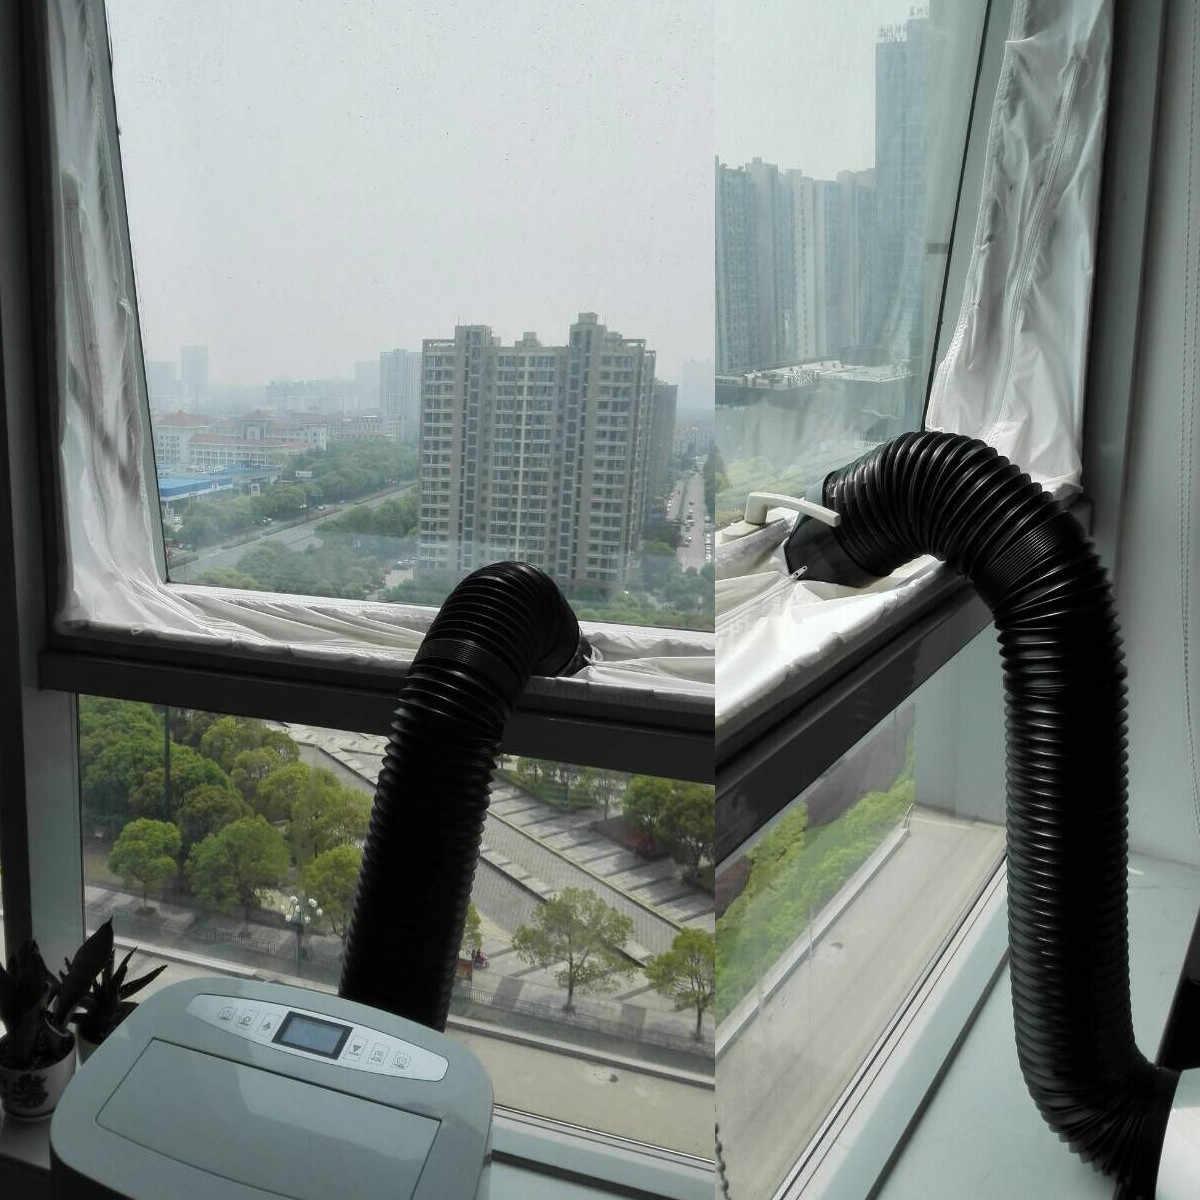 1Pc uniwersalne blokady powietrza uszczelnienie okna tkaniny taśmy do ruchomych układów klimatyzacji wodoodporne Suszarka domu klimatyzator części